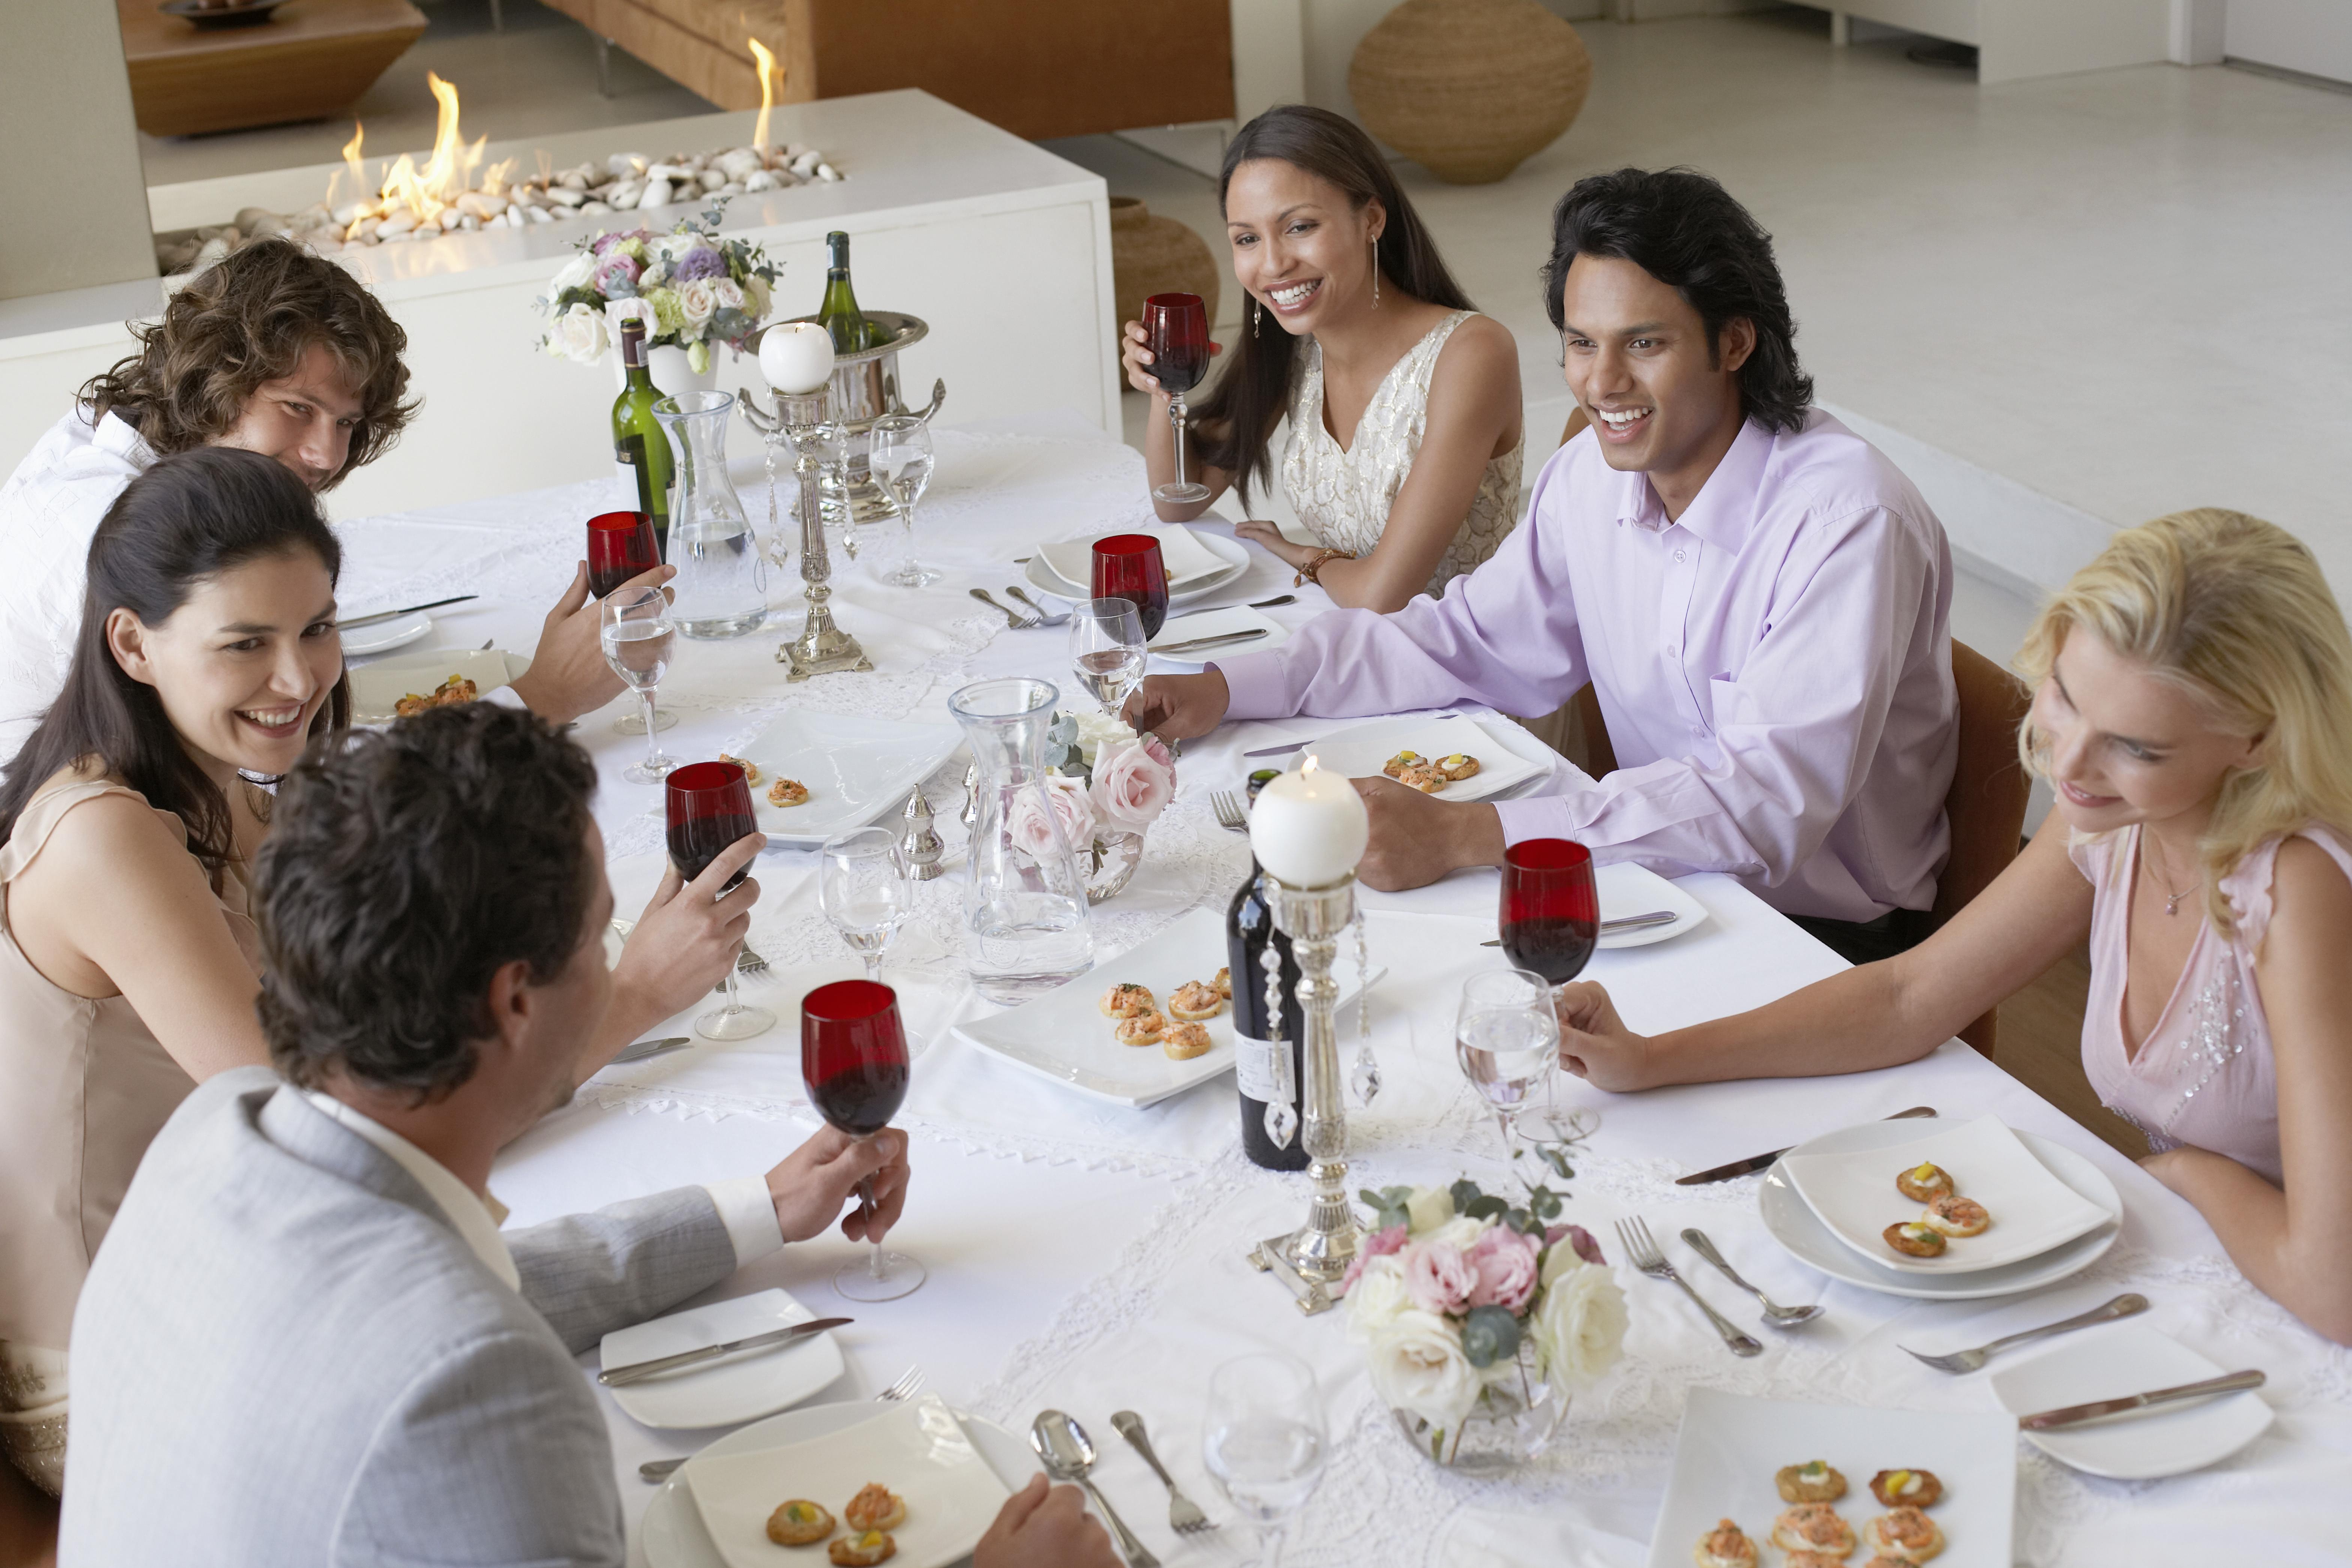 La disposizione a tavola degli ospiti